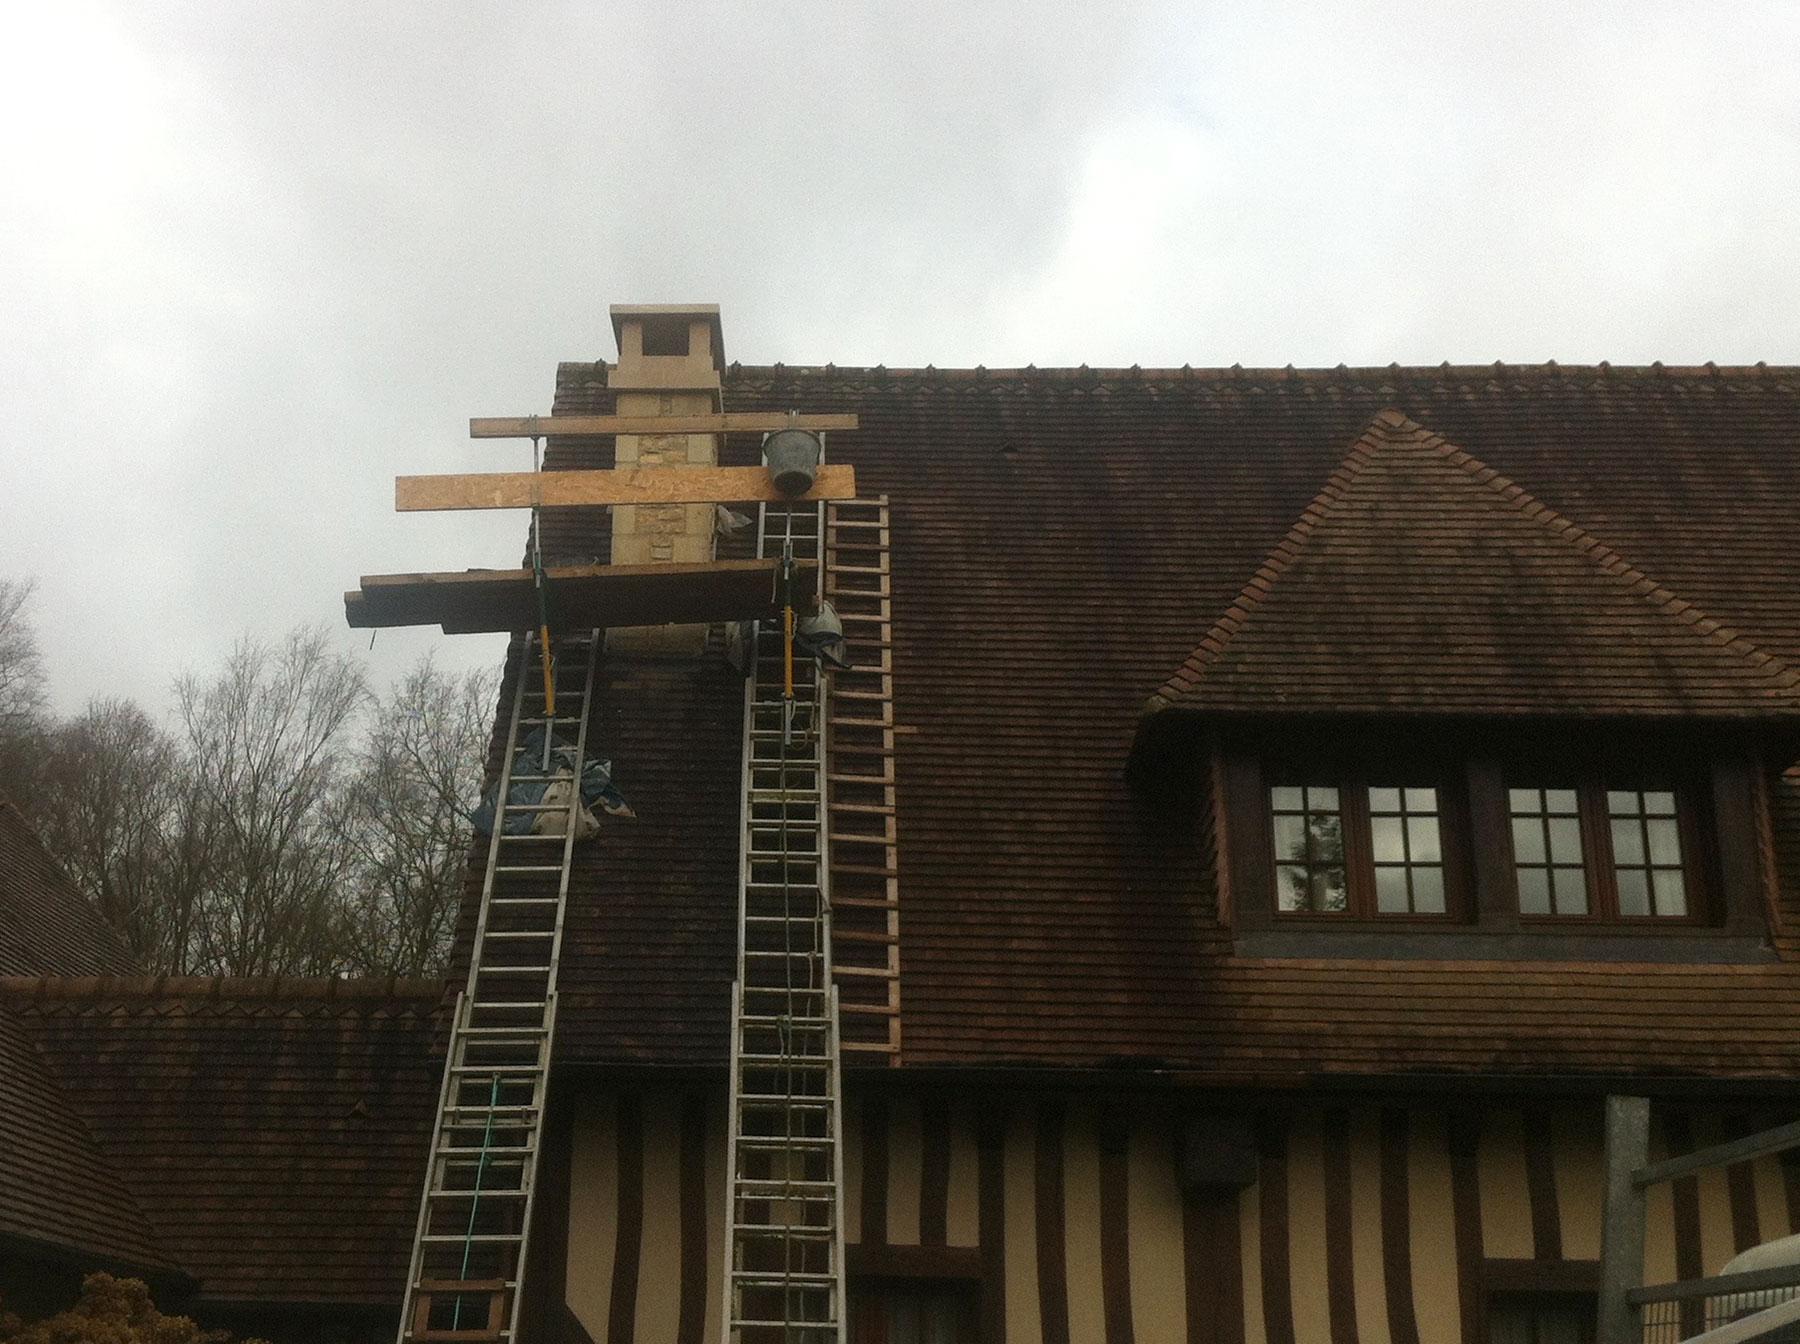 Une souche de cheminée en cours de restauration en vue de face